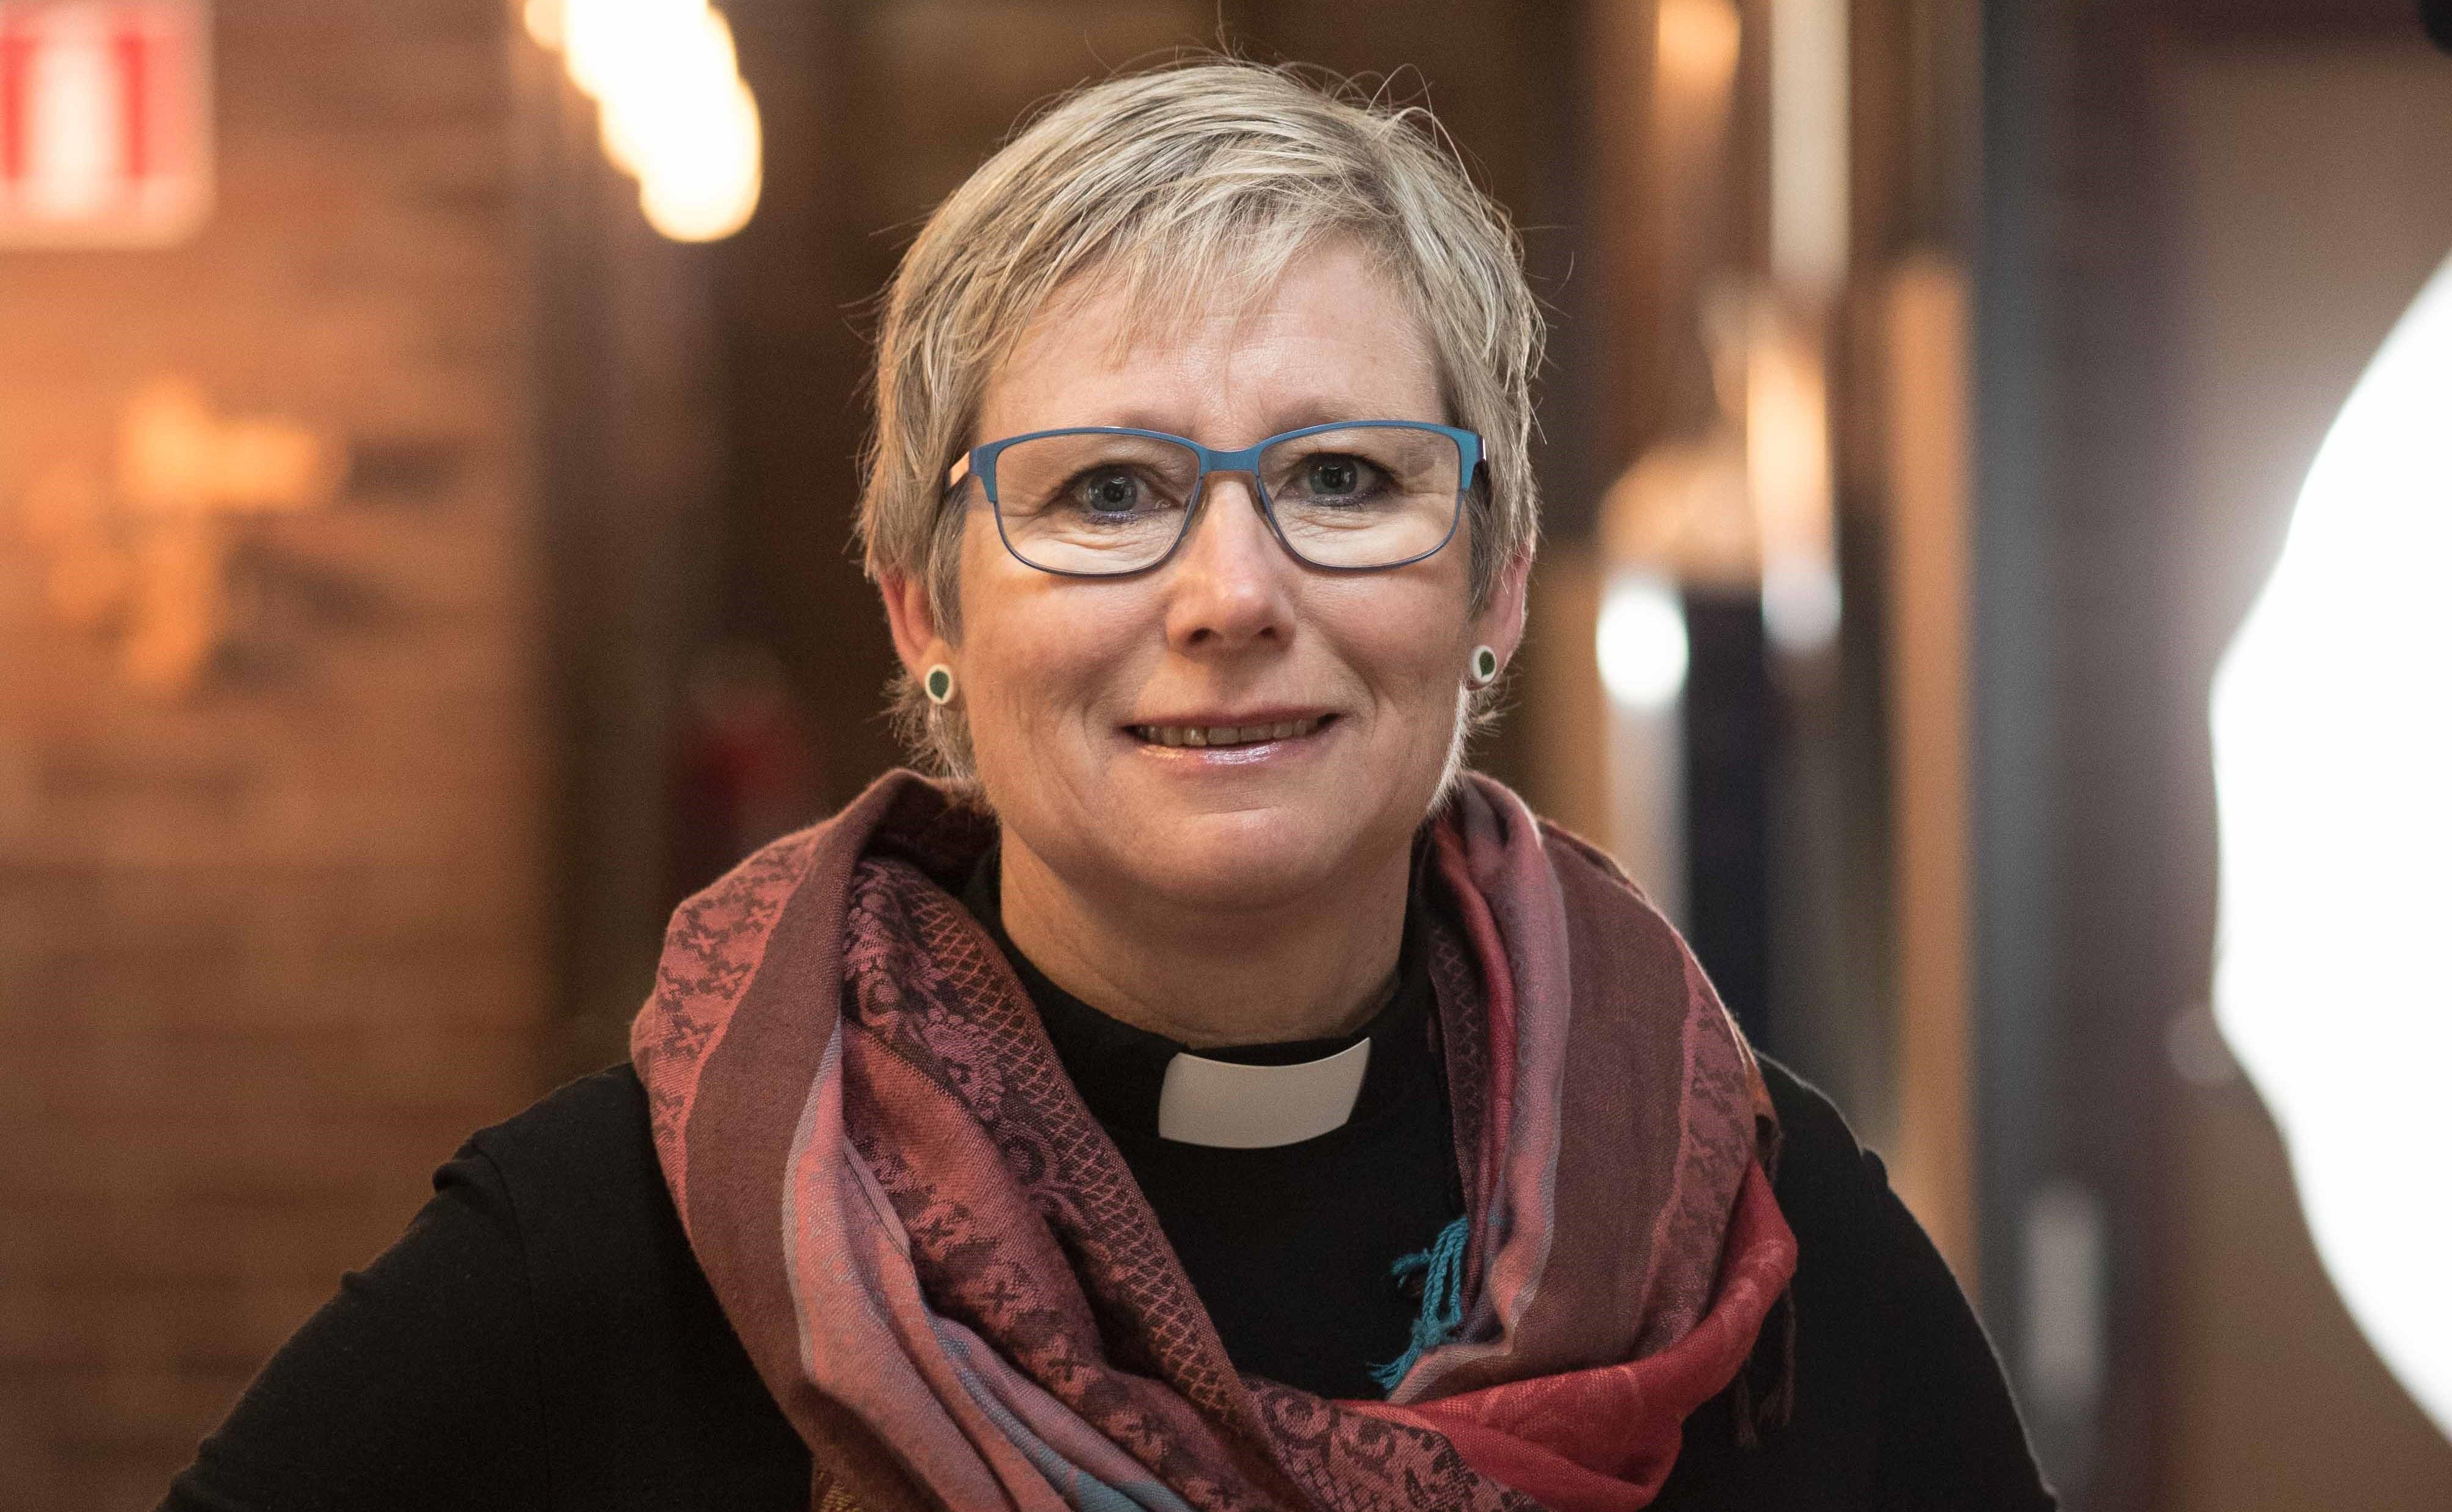 Susanne Rappmann, kort ljust hår och glasögon. Prästskjorta och en sjal i rosa nyanser om halsen